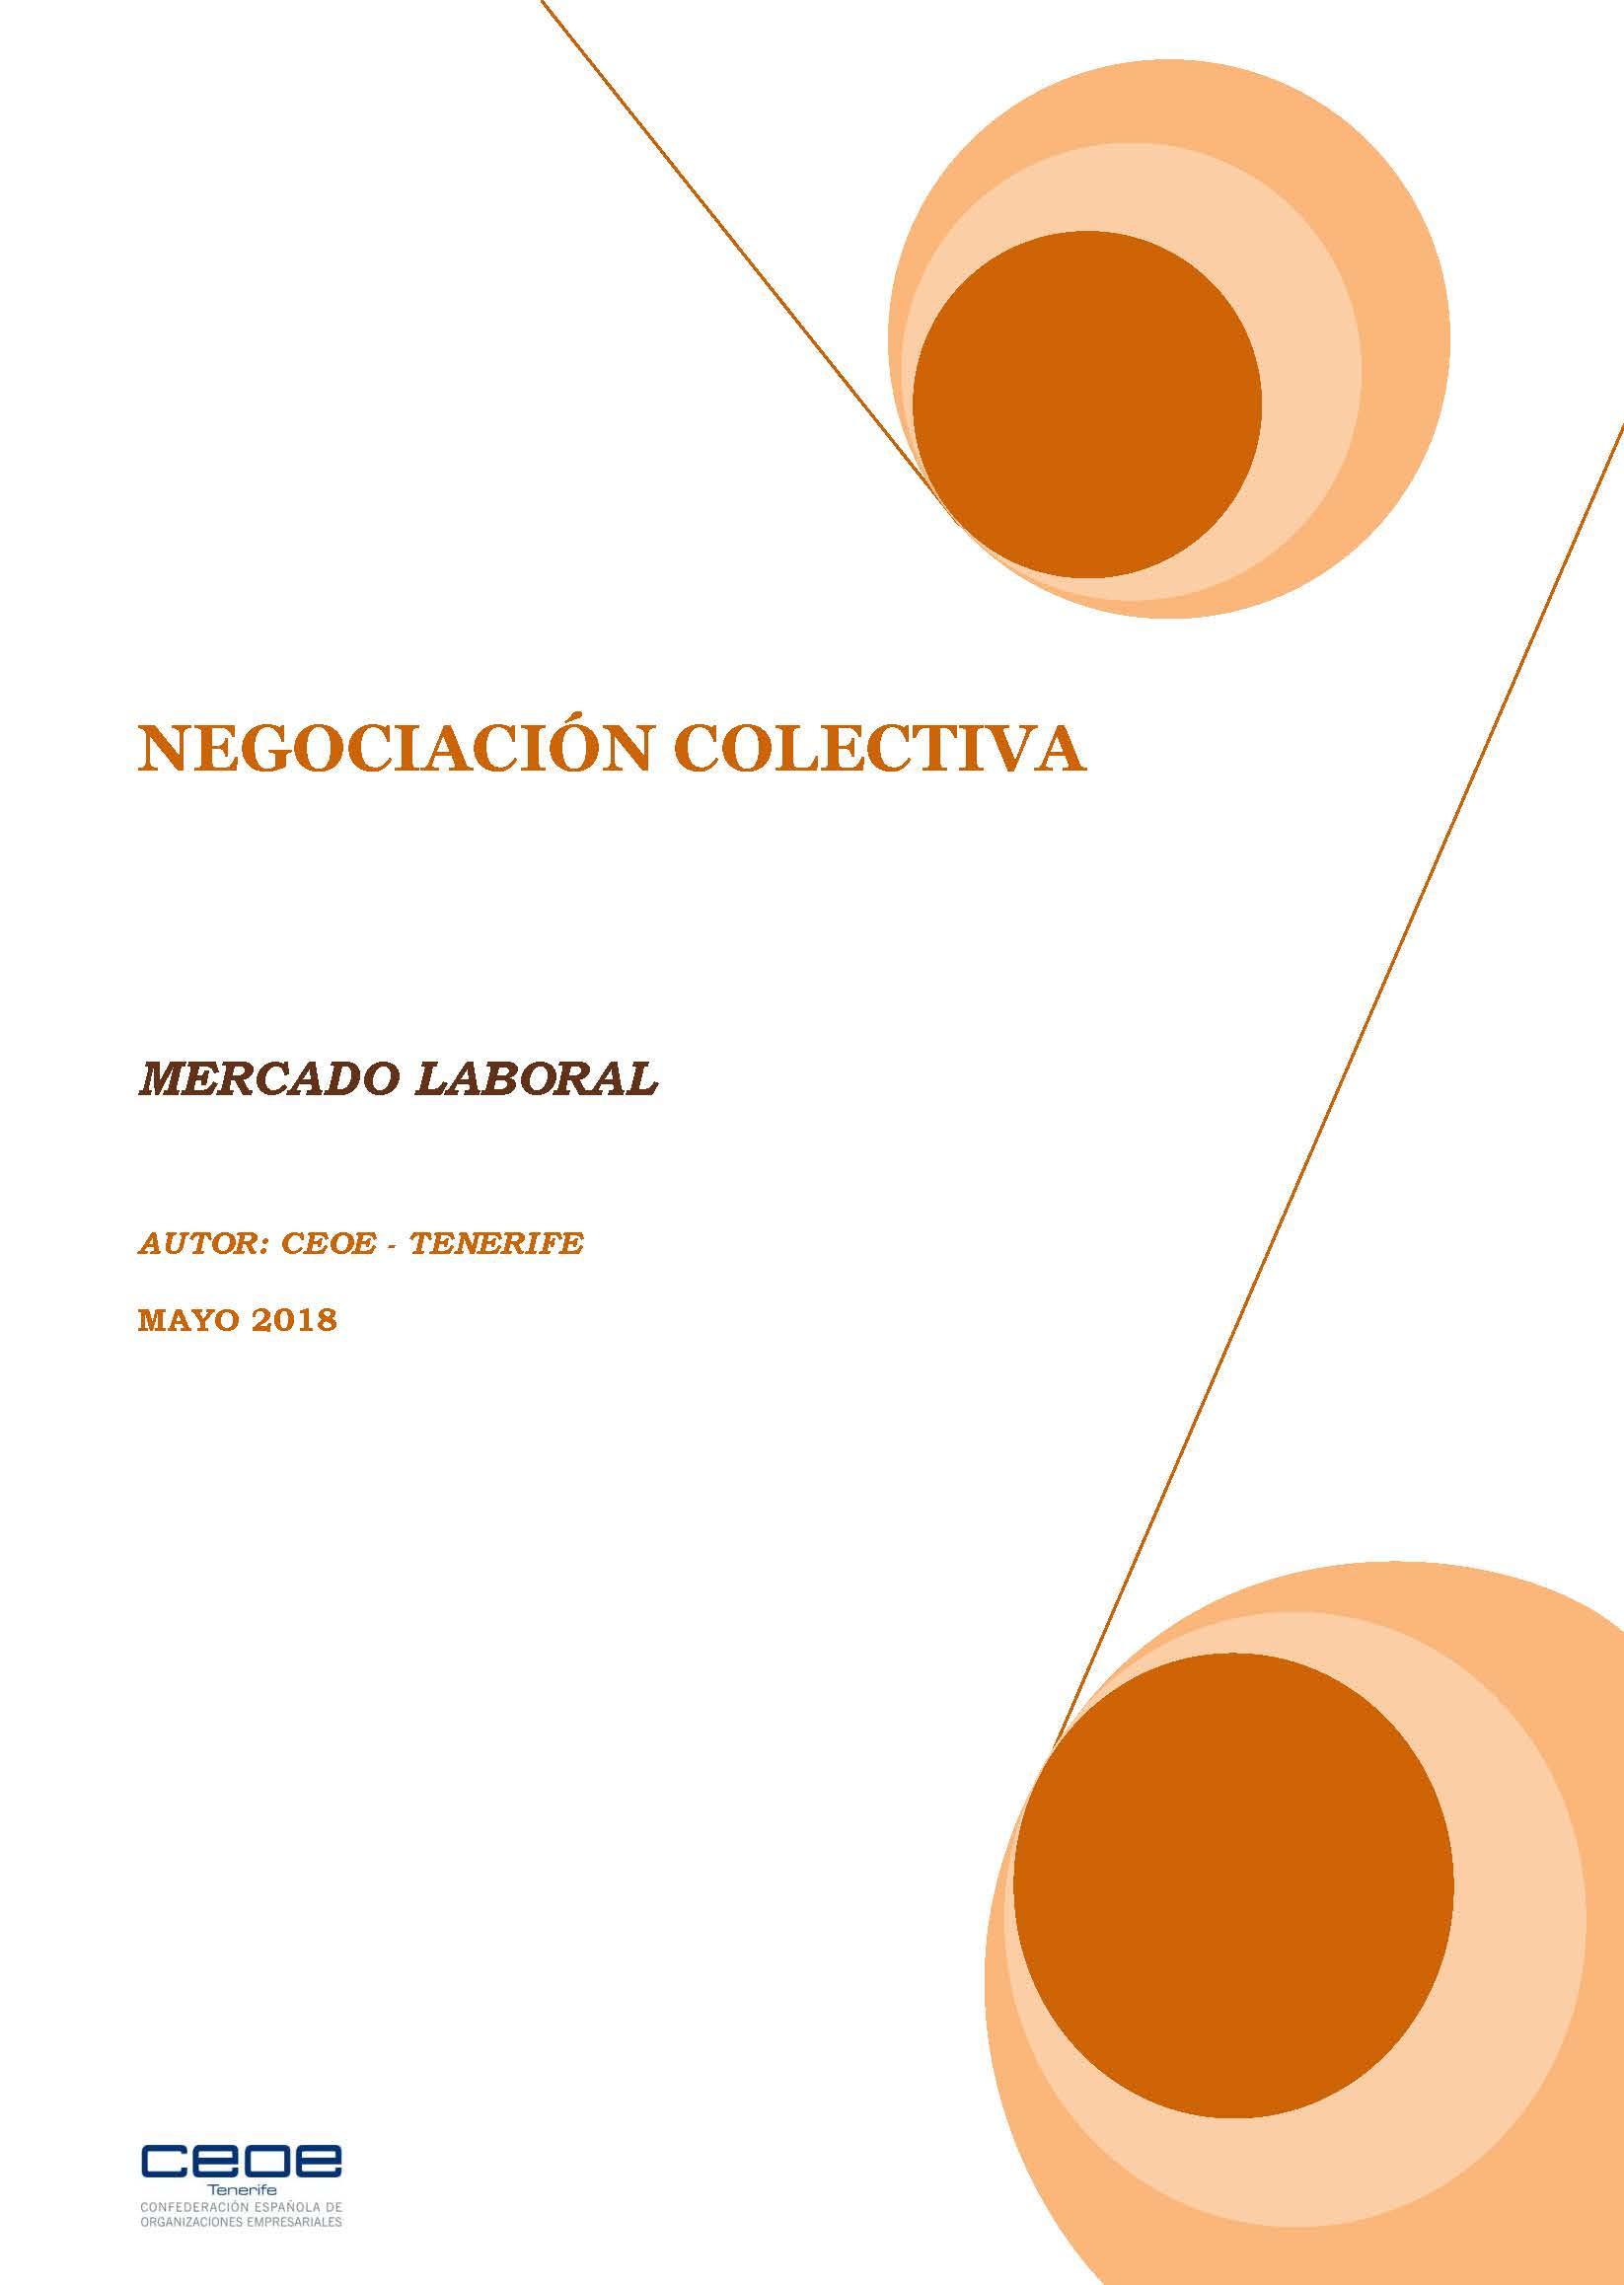 MERCADO LABORAL - NEGOCIACION COLECTIVA MAYO 2018